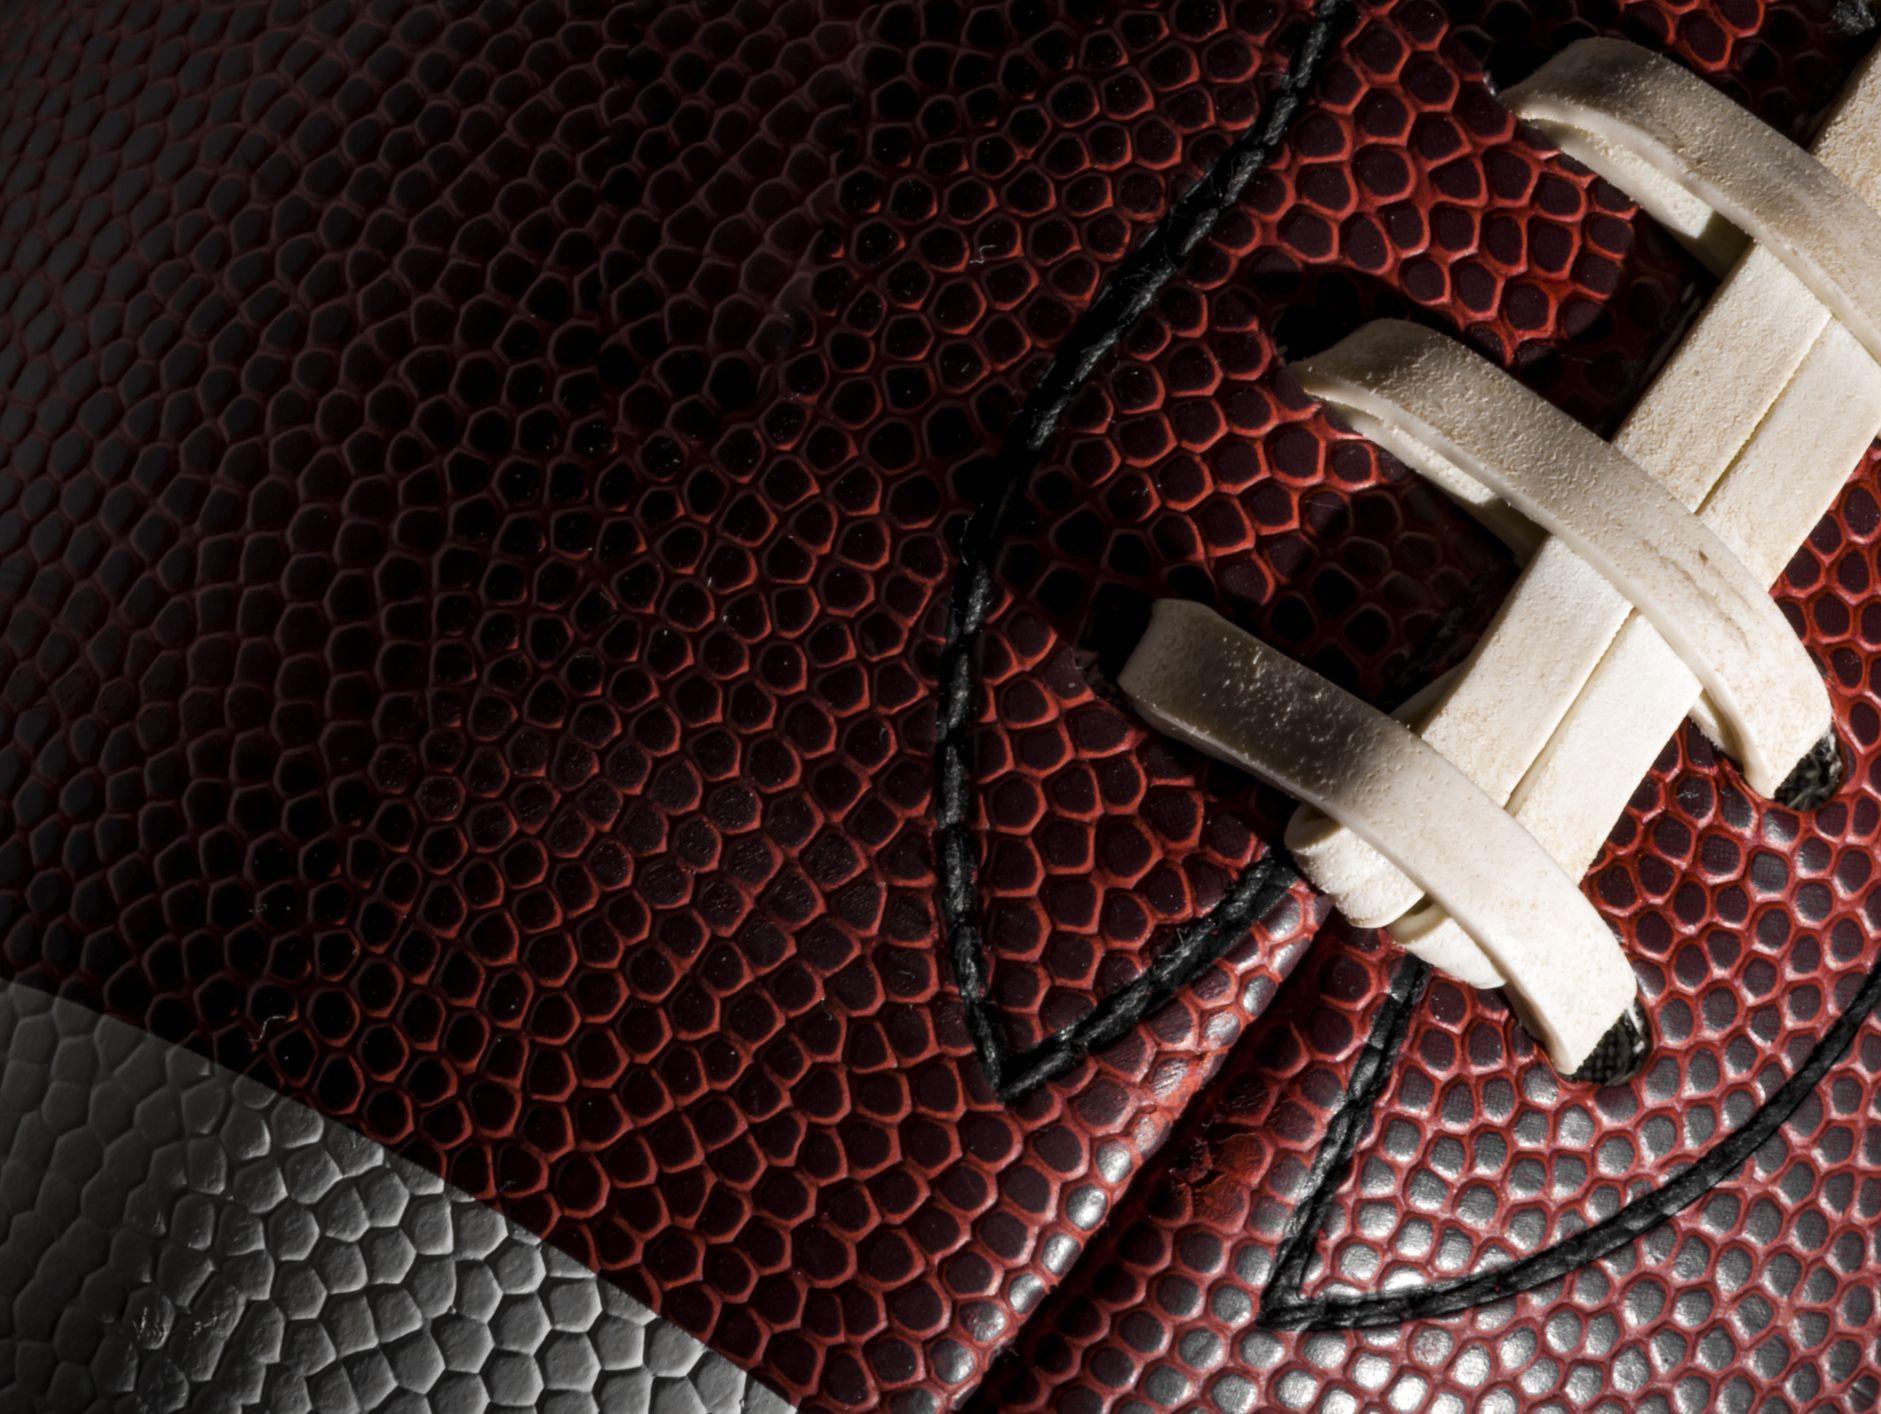 Stock image of football closeup.